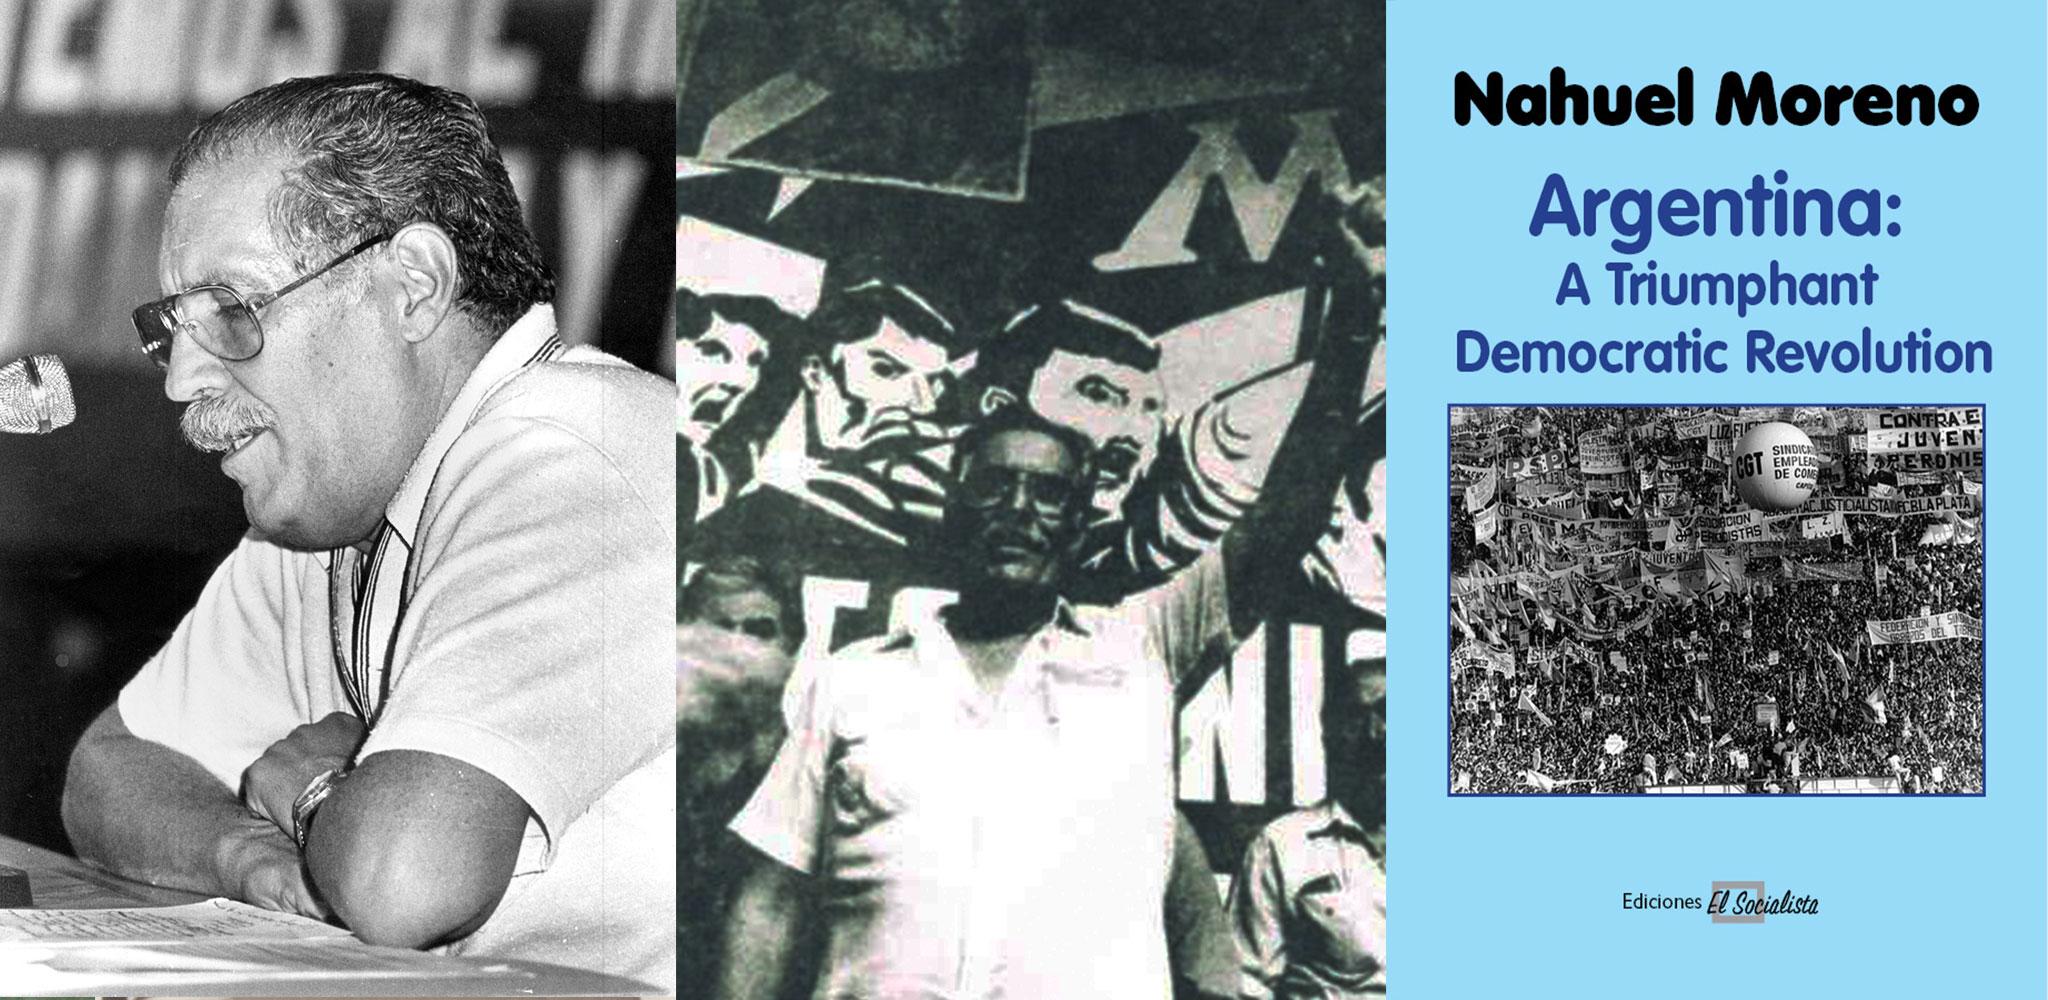 ARGENTINA: A TRIUMPHANT DEMOCRATIC REVOLUTION (1983)